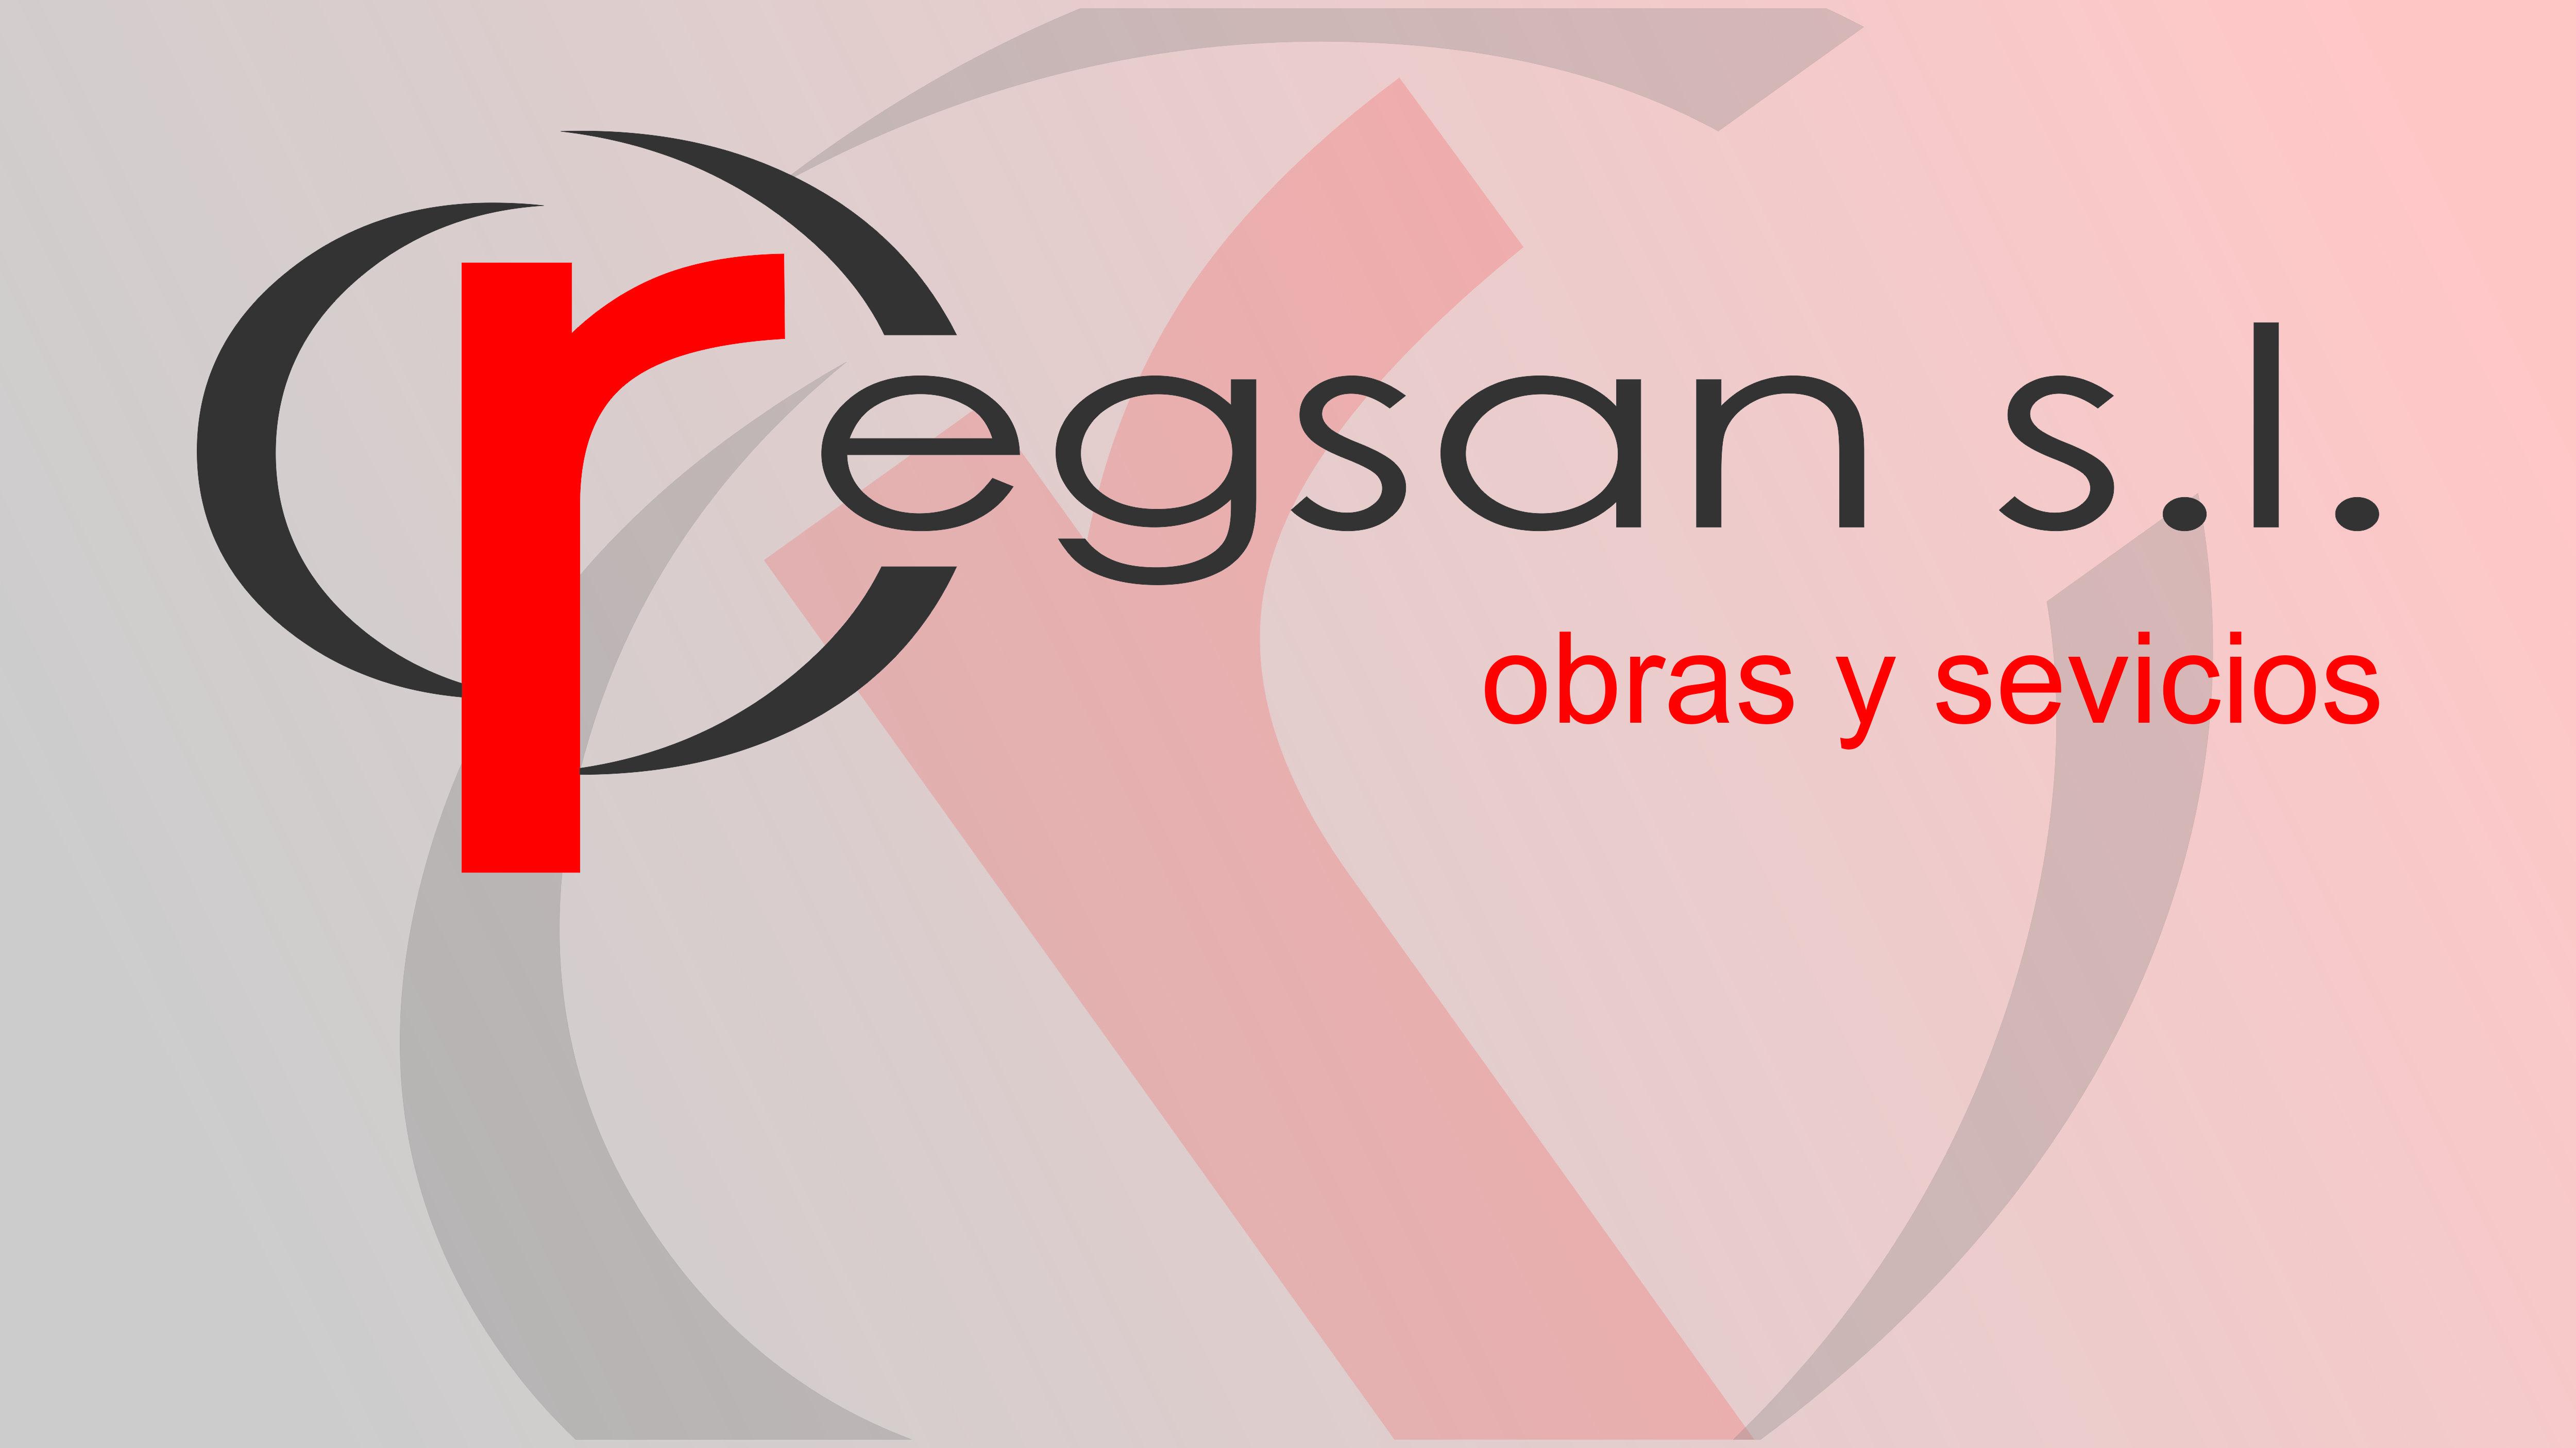 Regsan S.L.